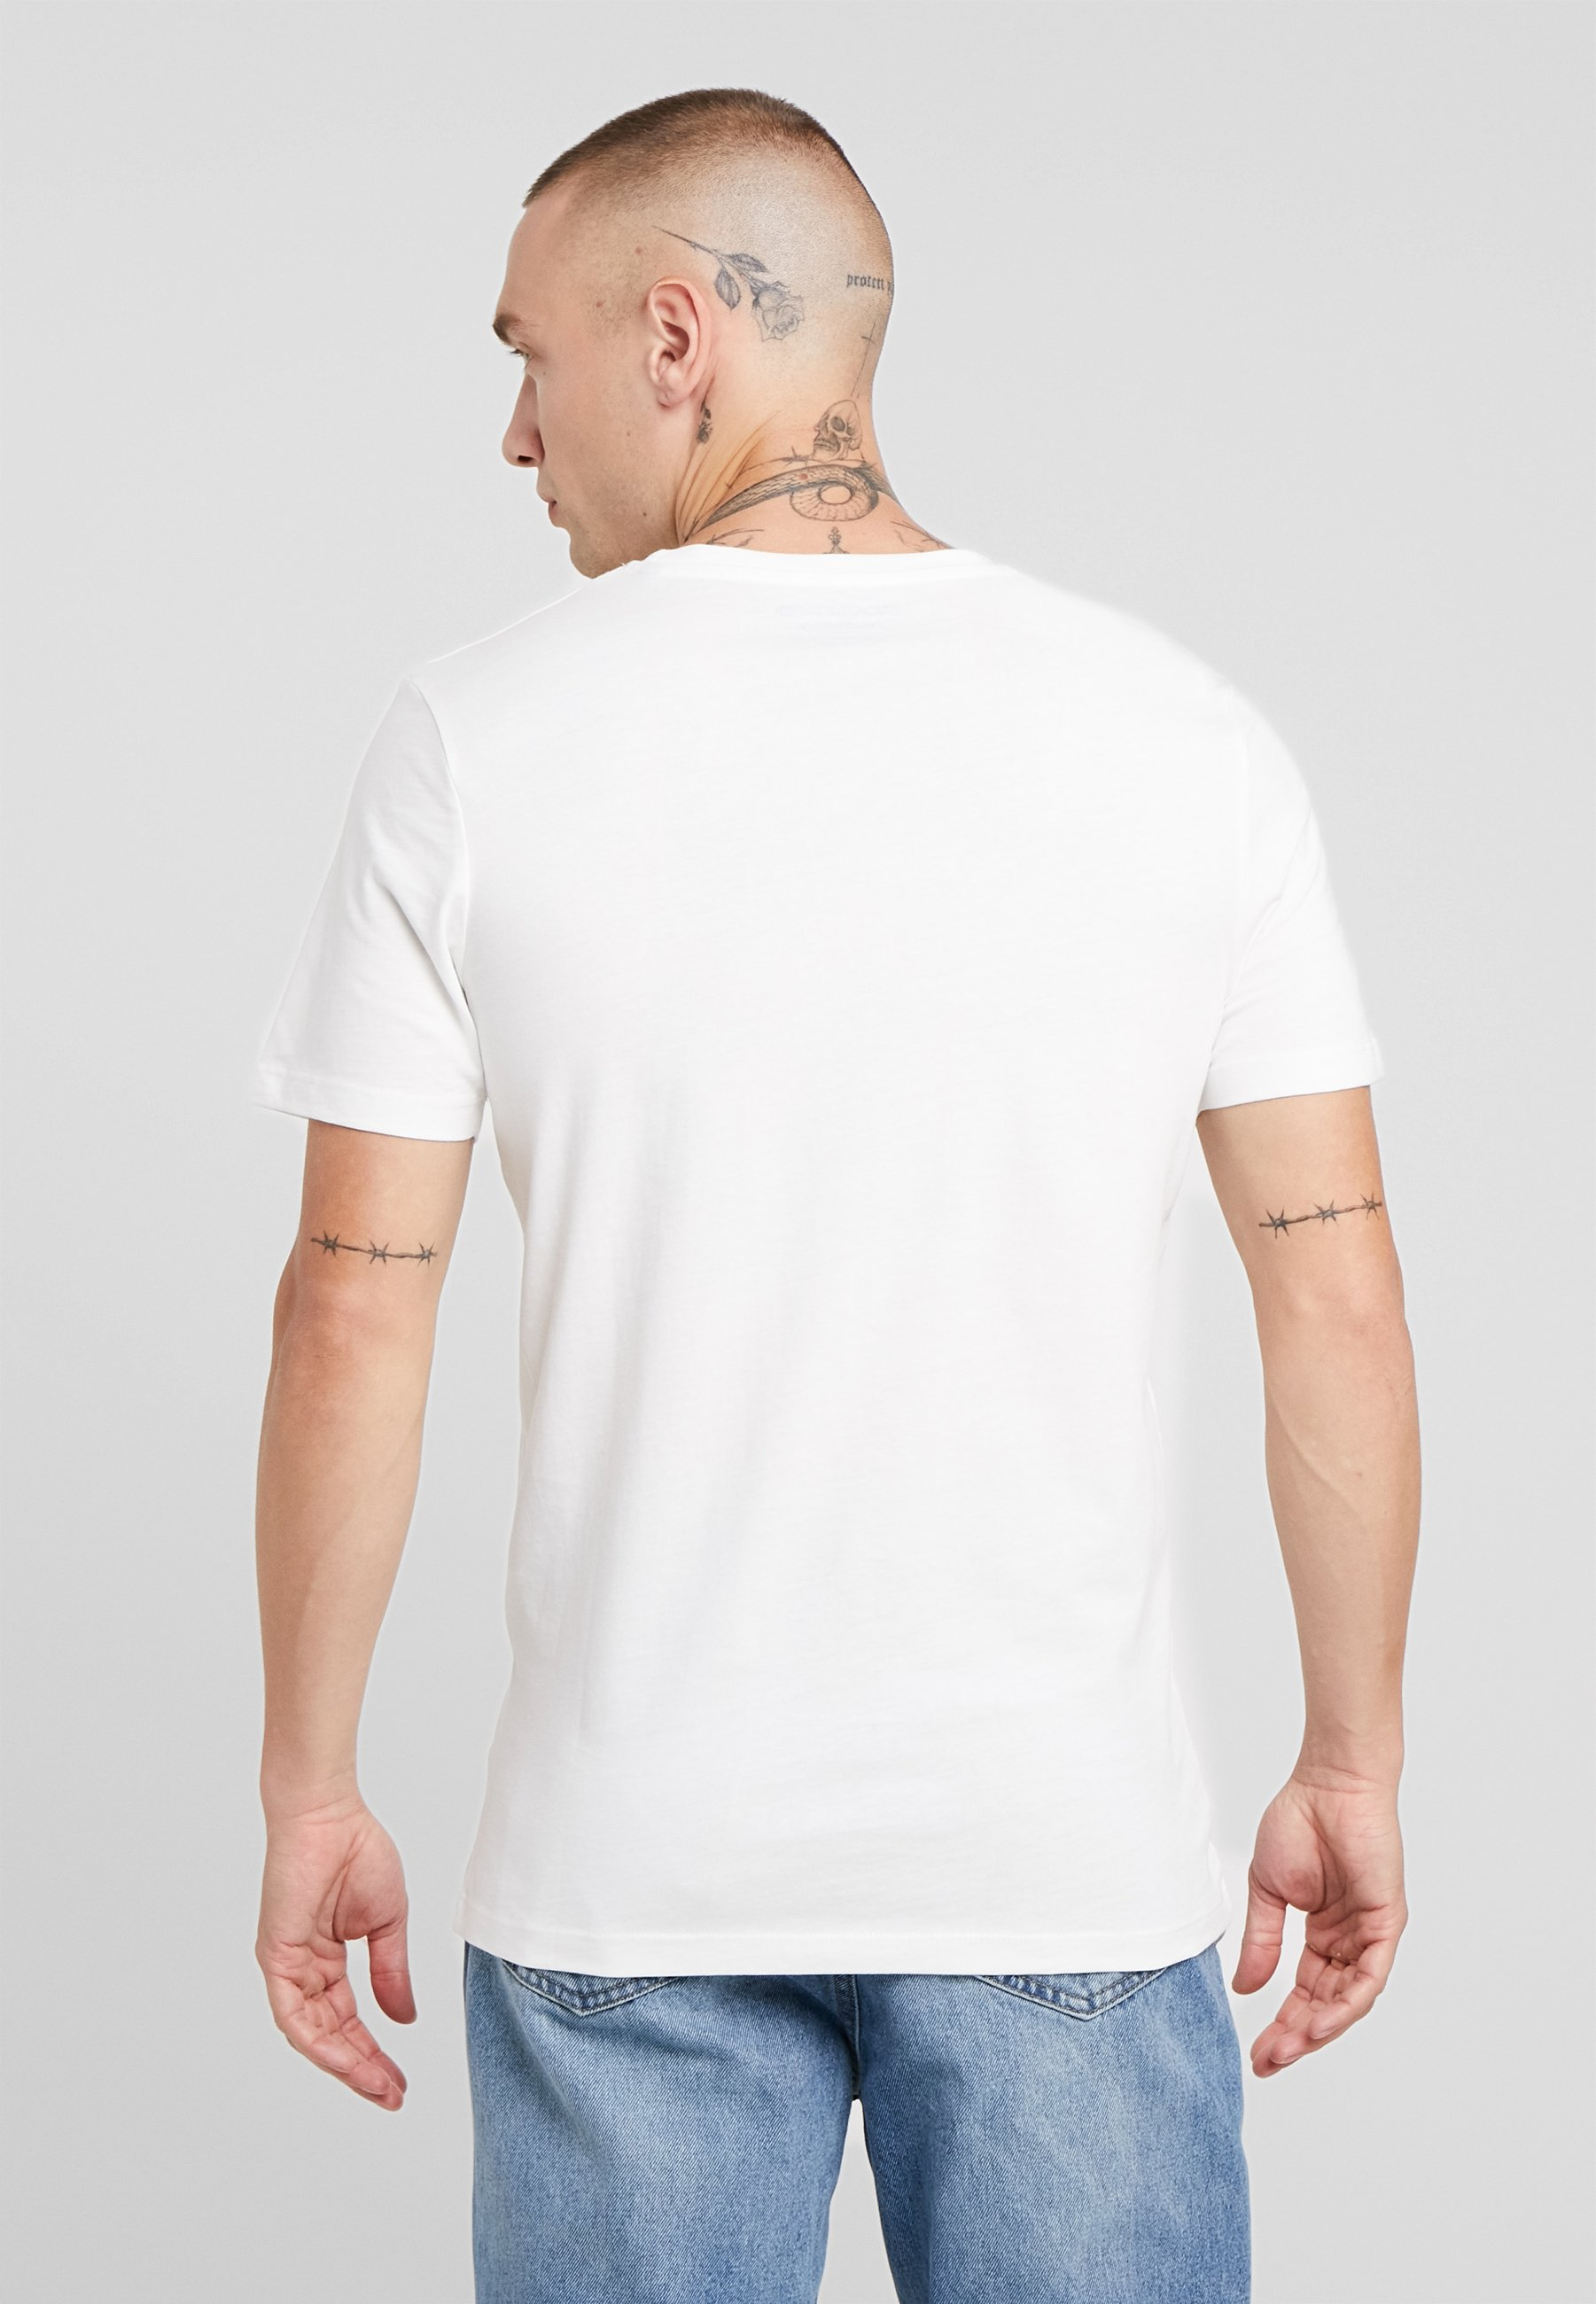 cloud CREW Jackamp; print Shirt SLIM TEE FITT Jones JOROCEANSIDE NECK dancer nkwOP80X